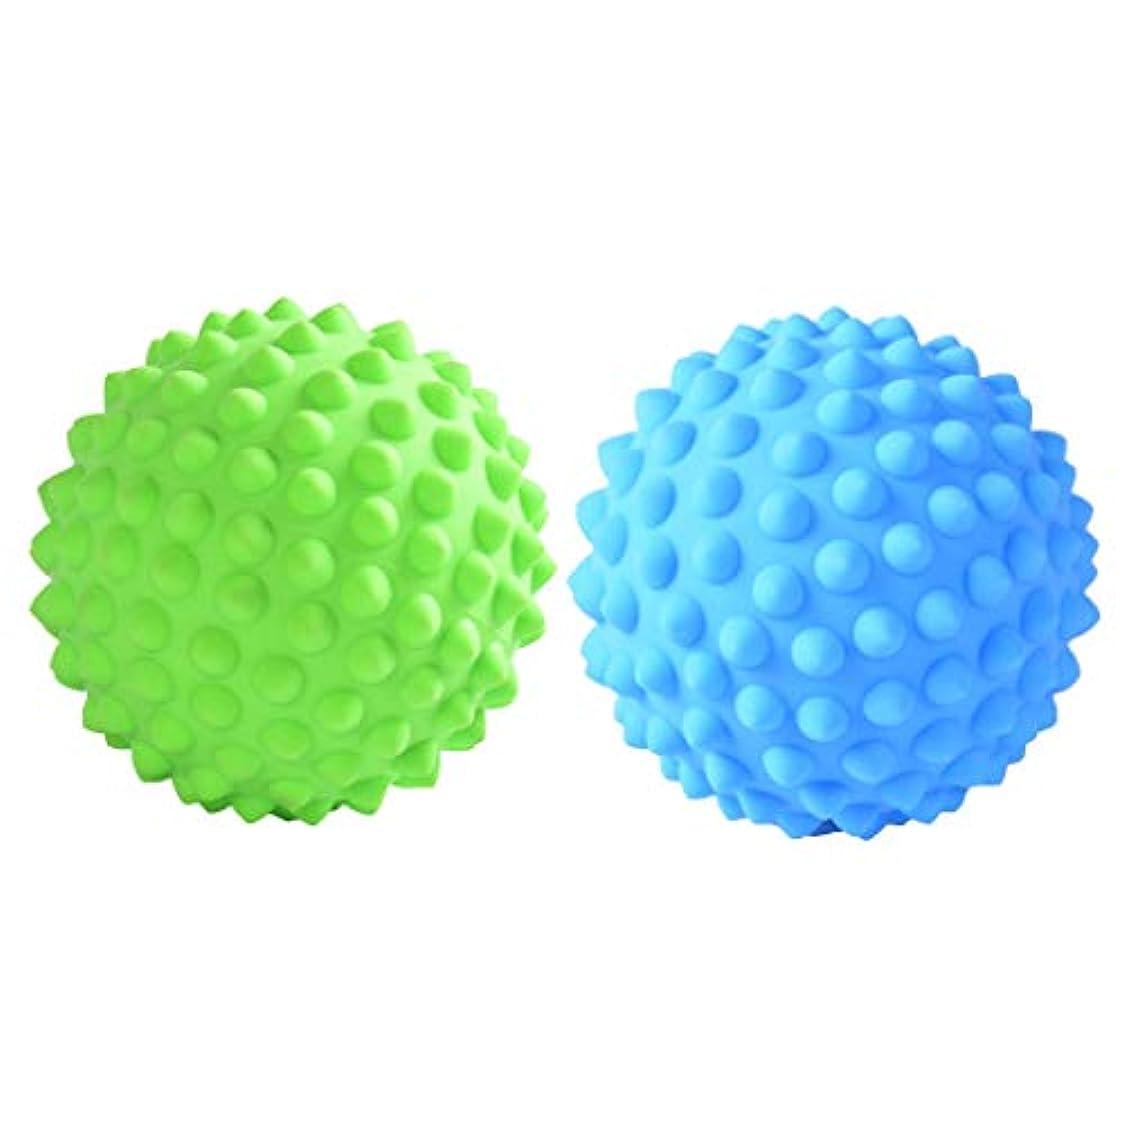 ゾーン剣紳士chiwanji マッサージローラーボール 指圧ボール トリガーポイント 疲れ解消ボール ヨガ 疲労軽減 2個入